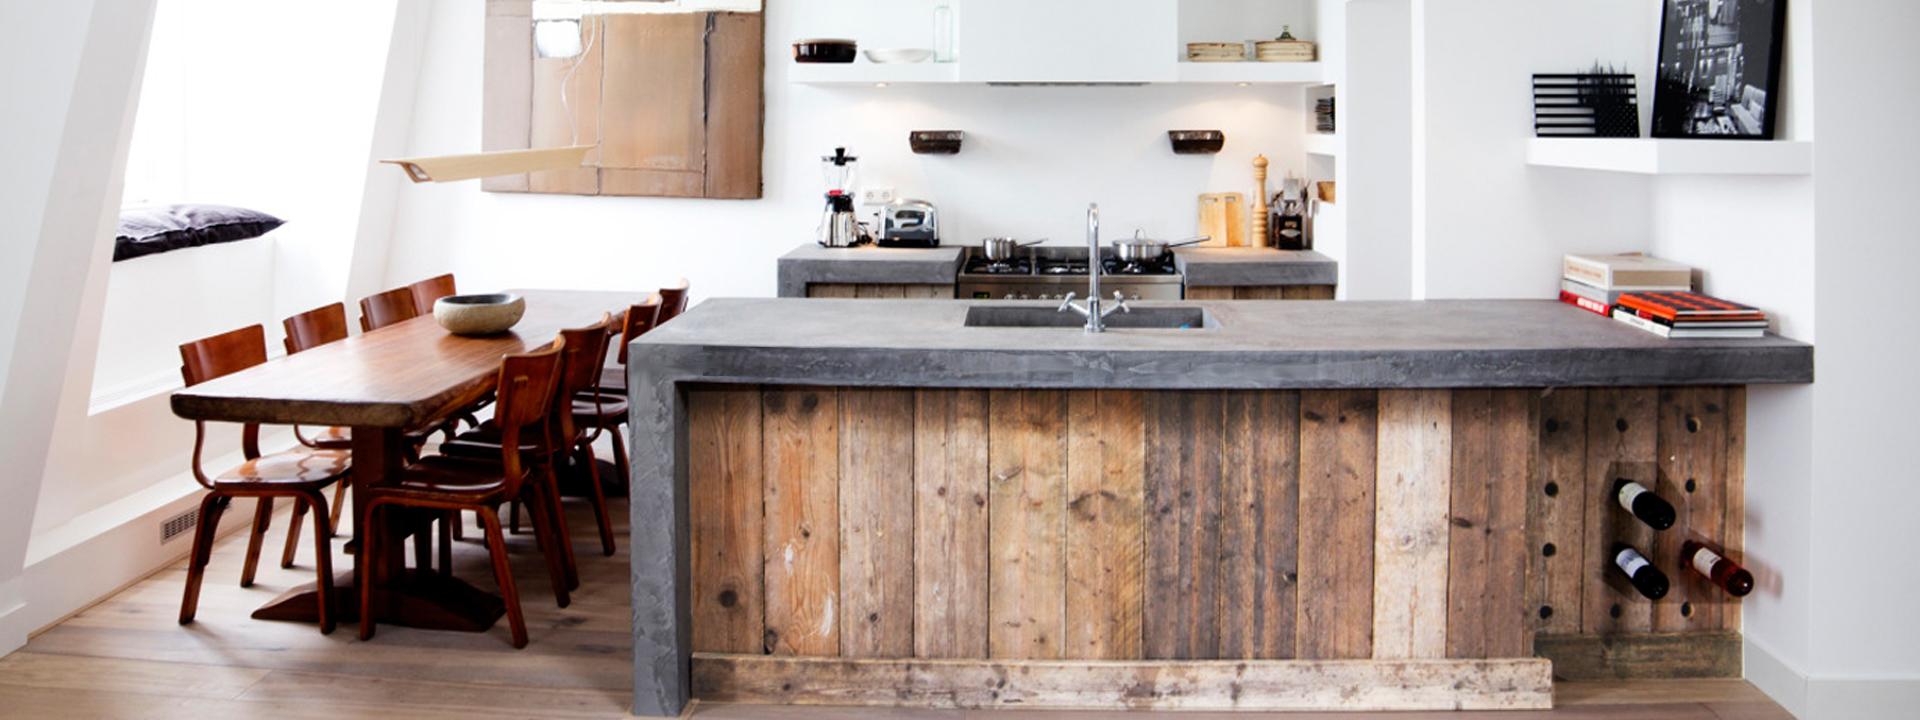 Keuken Met Betonblad : F?RN Keukens Keukens van steigerhout, sloophout en microbeton